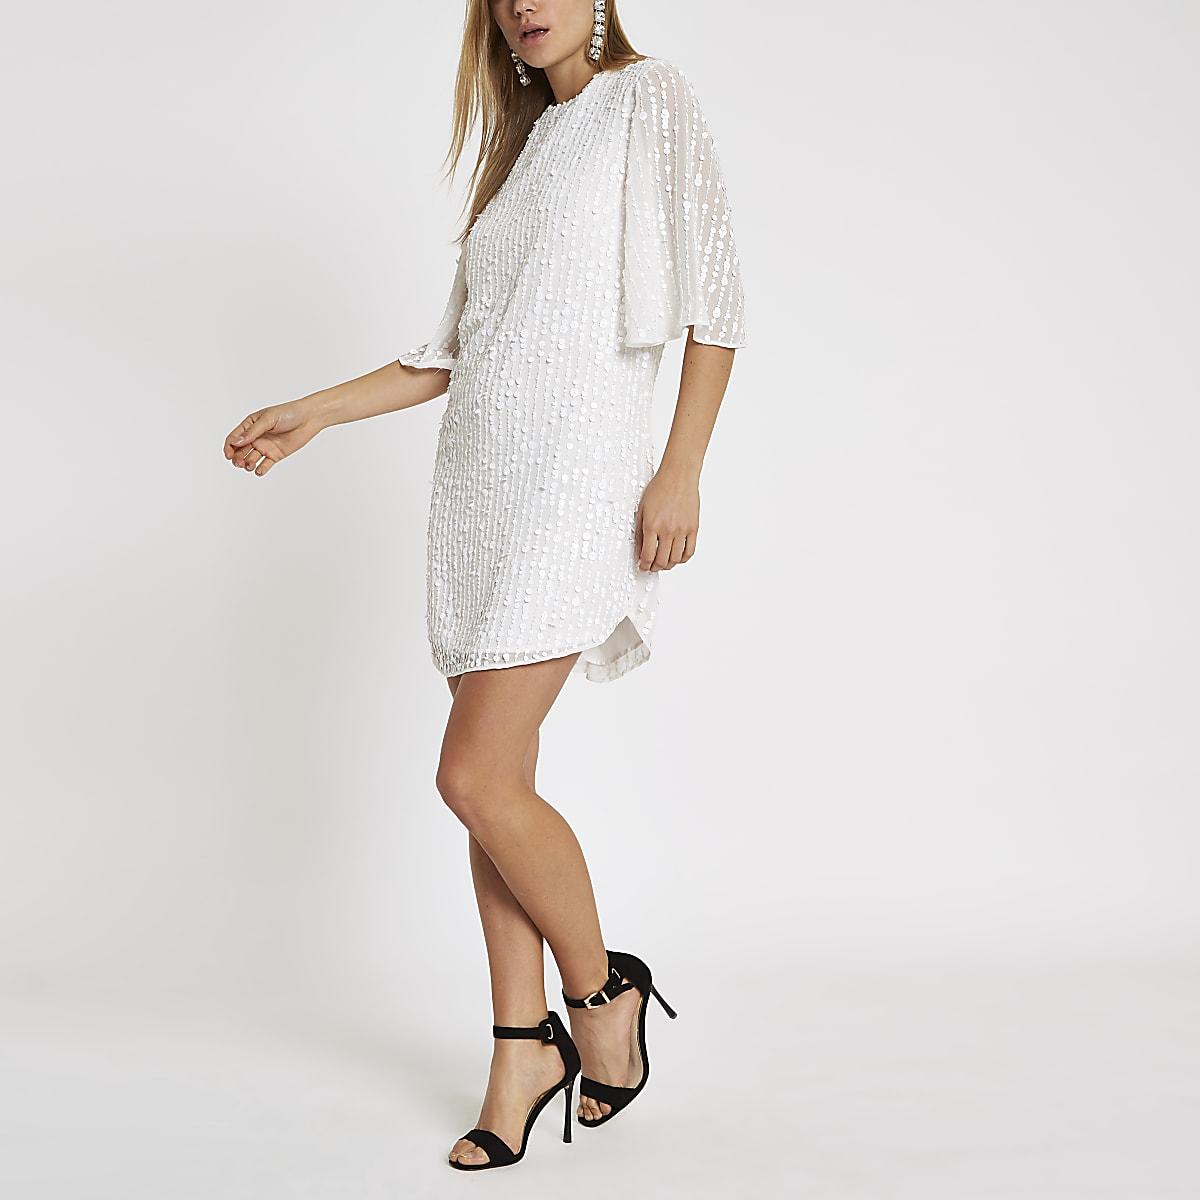 921ea09825ad White sequin swing dress - Swing Dresses - Dresses - women